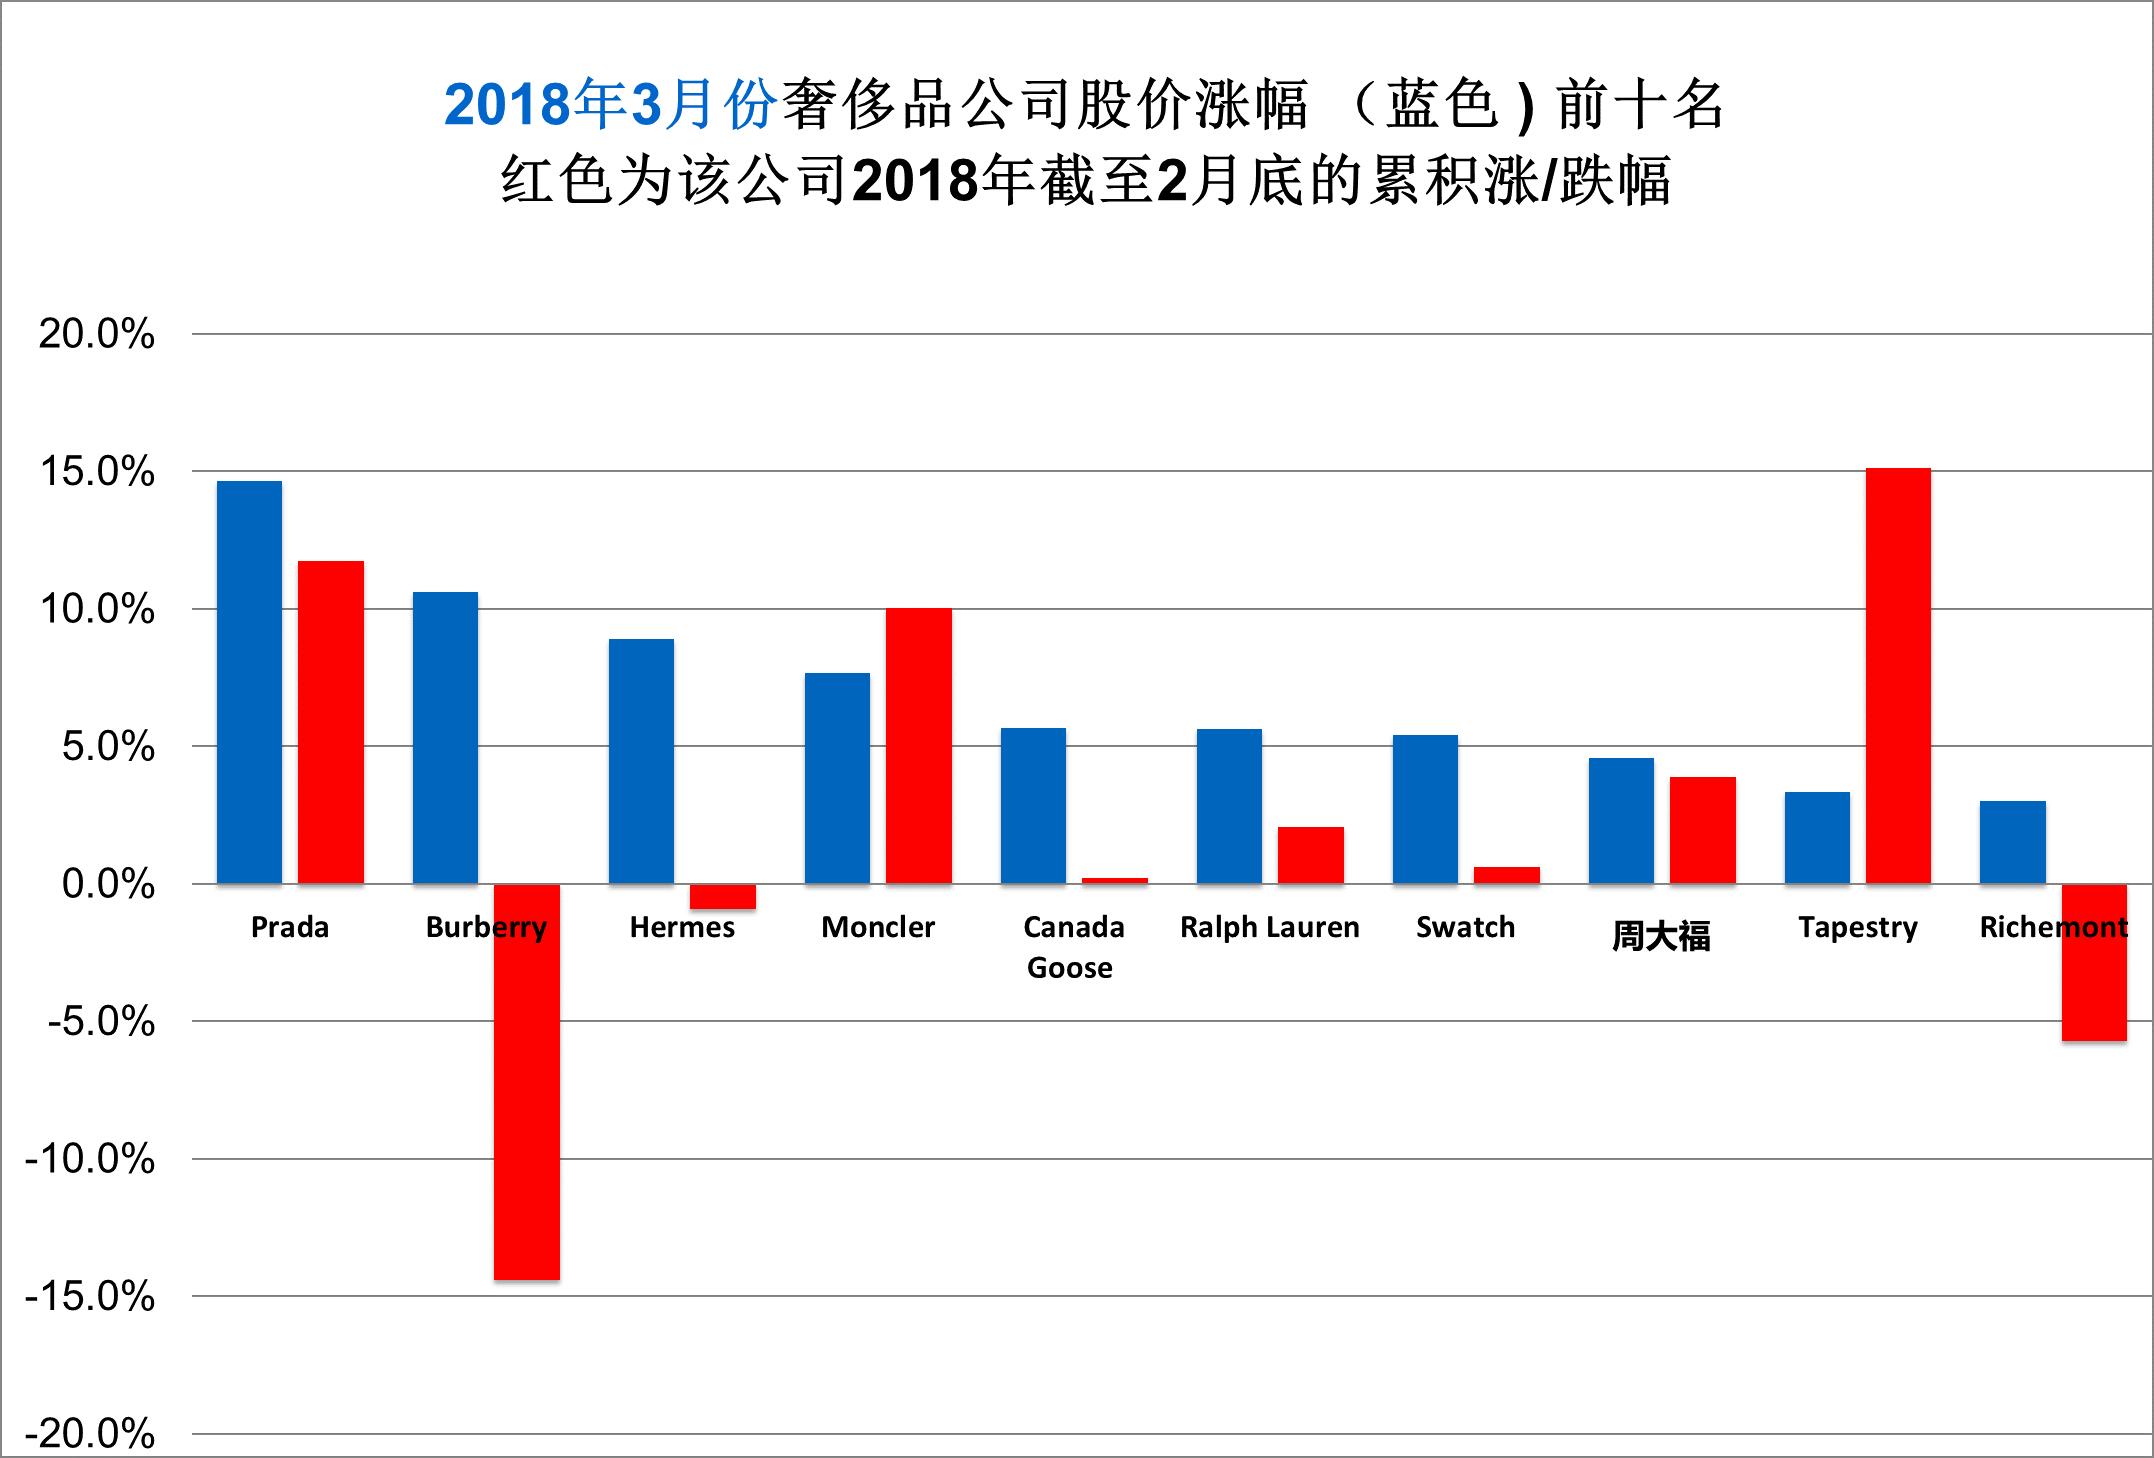 《华丽志》奢侈品股票月度排行榜(2018年3月)